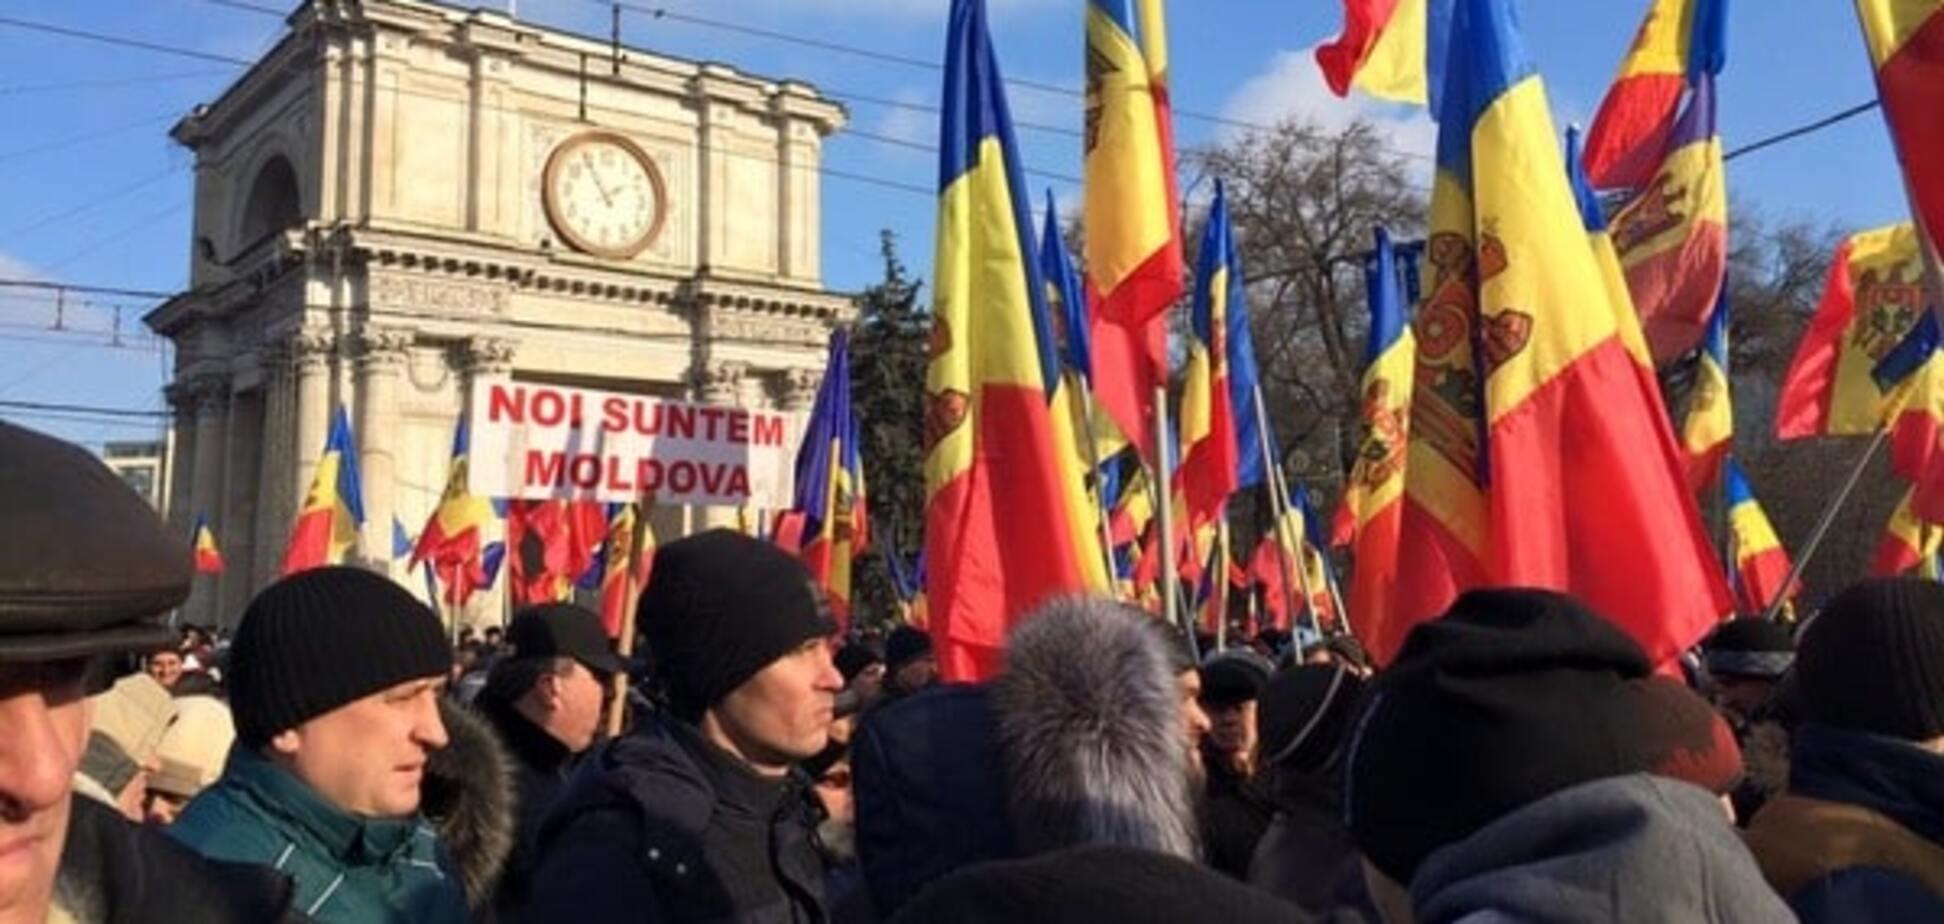 'Це не Майдан': журналіст пояснив провал протестів у Молдові